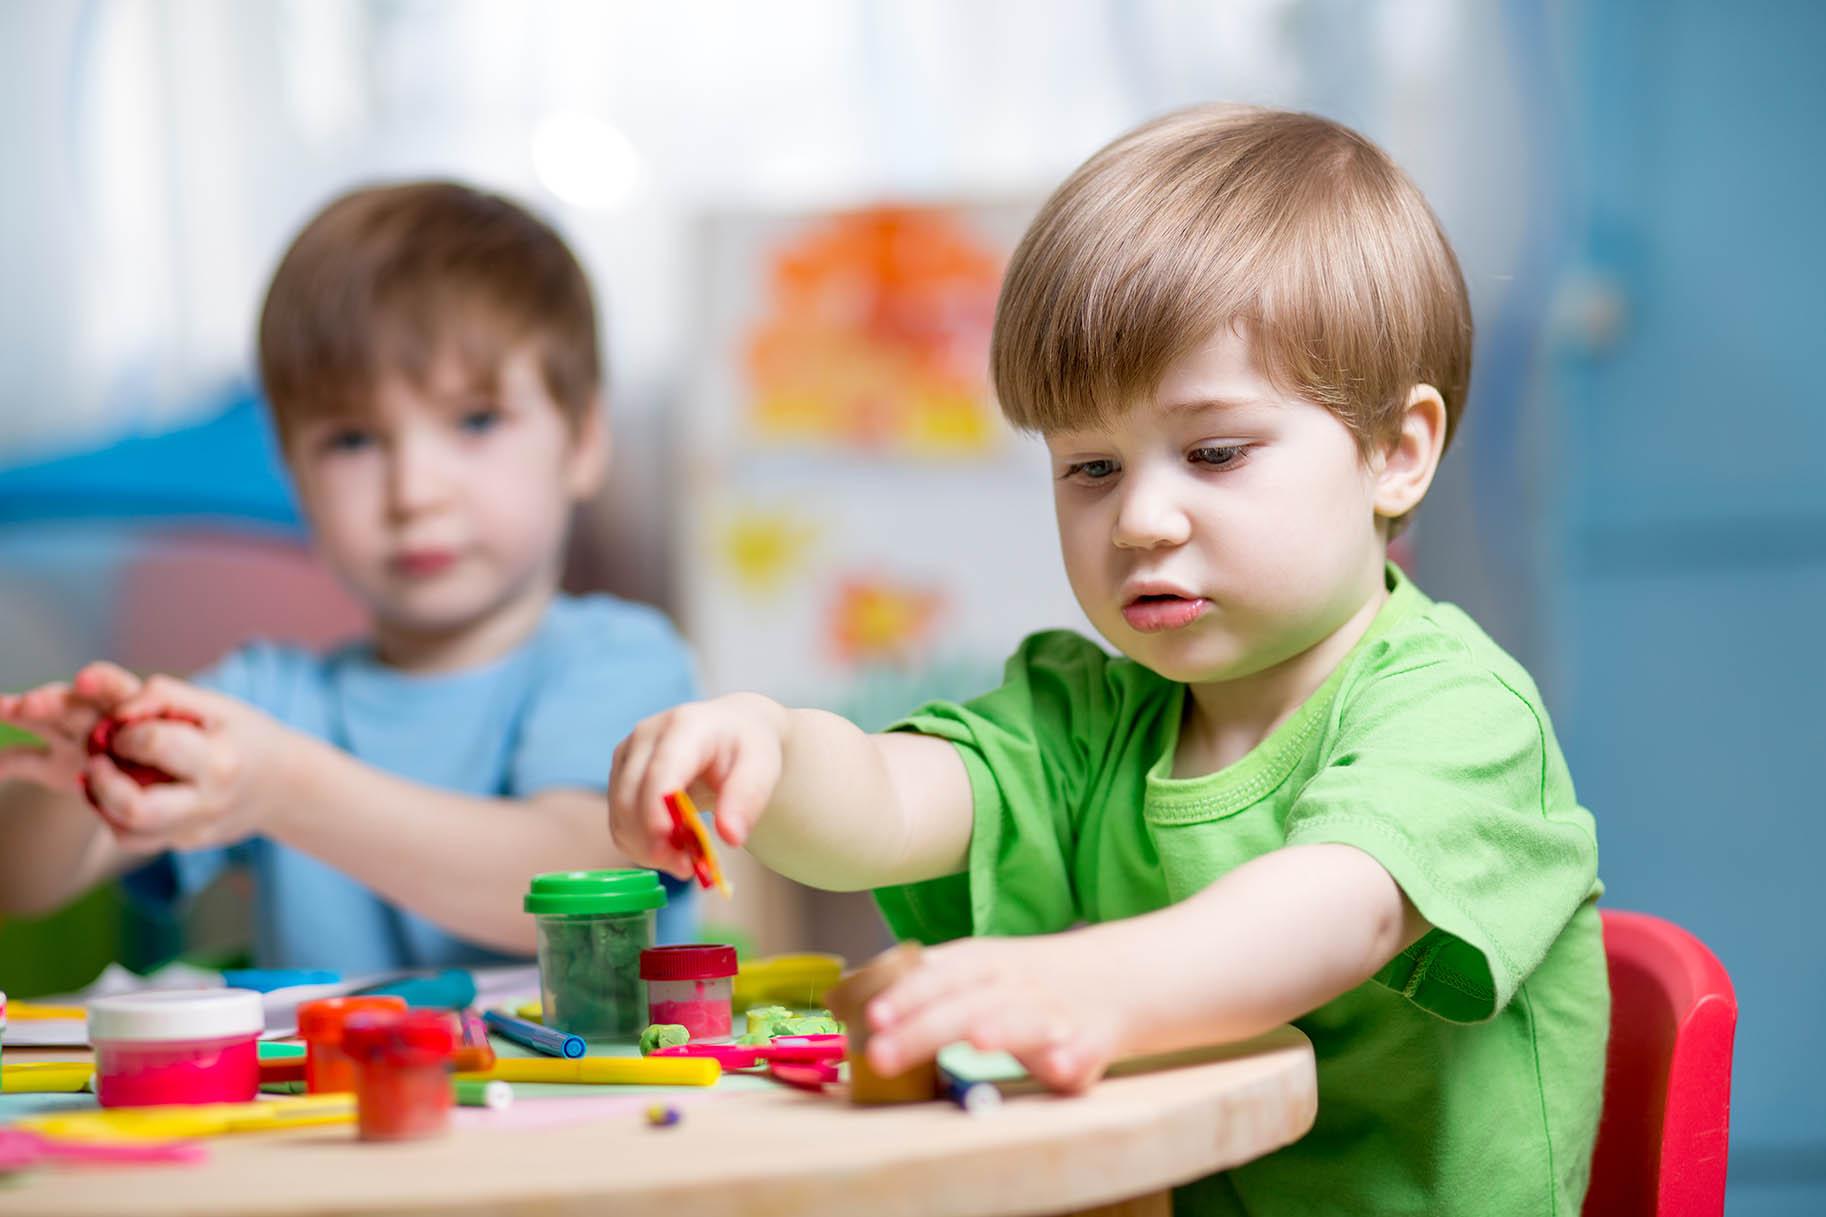 bambini al nido giocano con giocattoli colorati